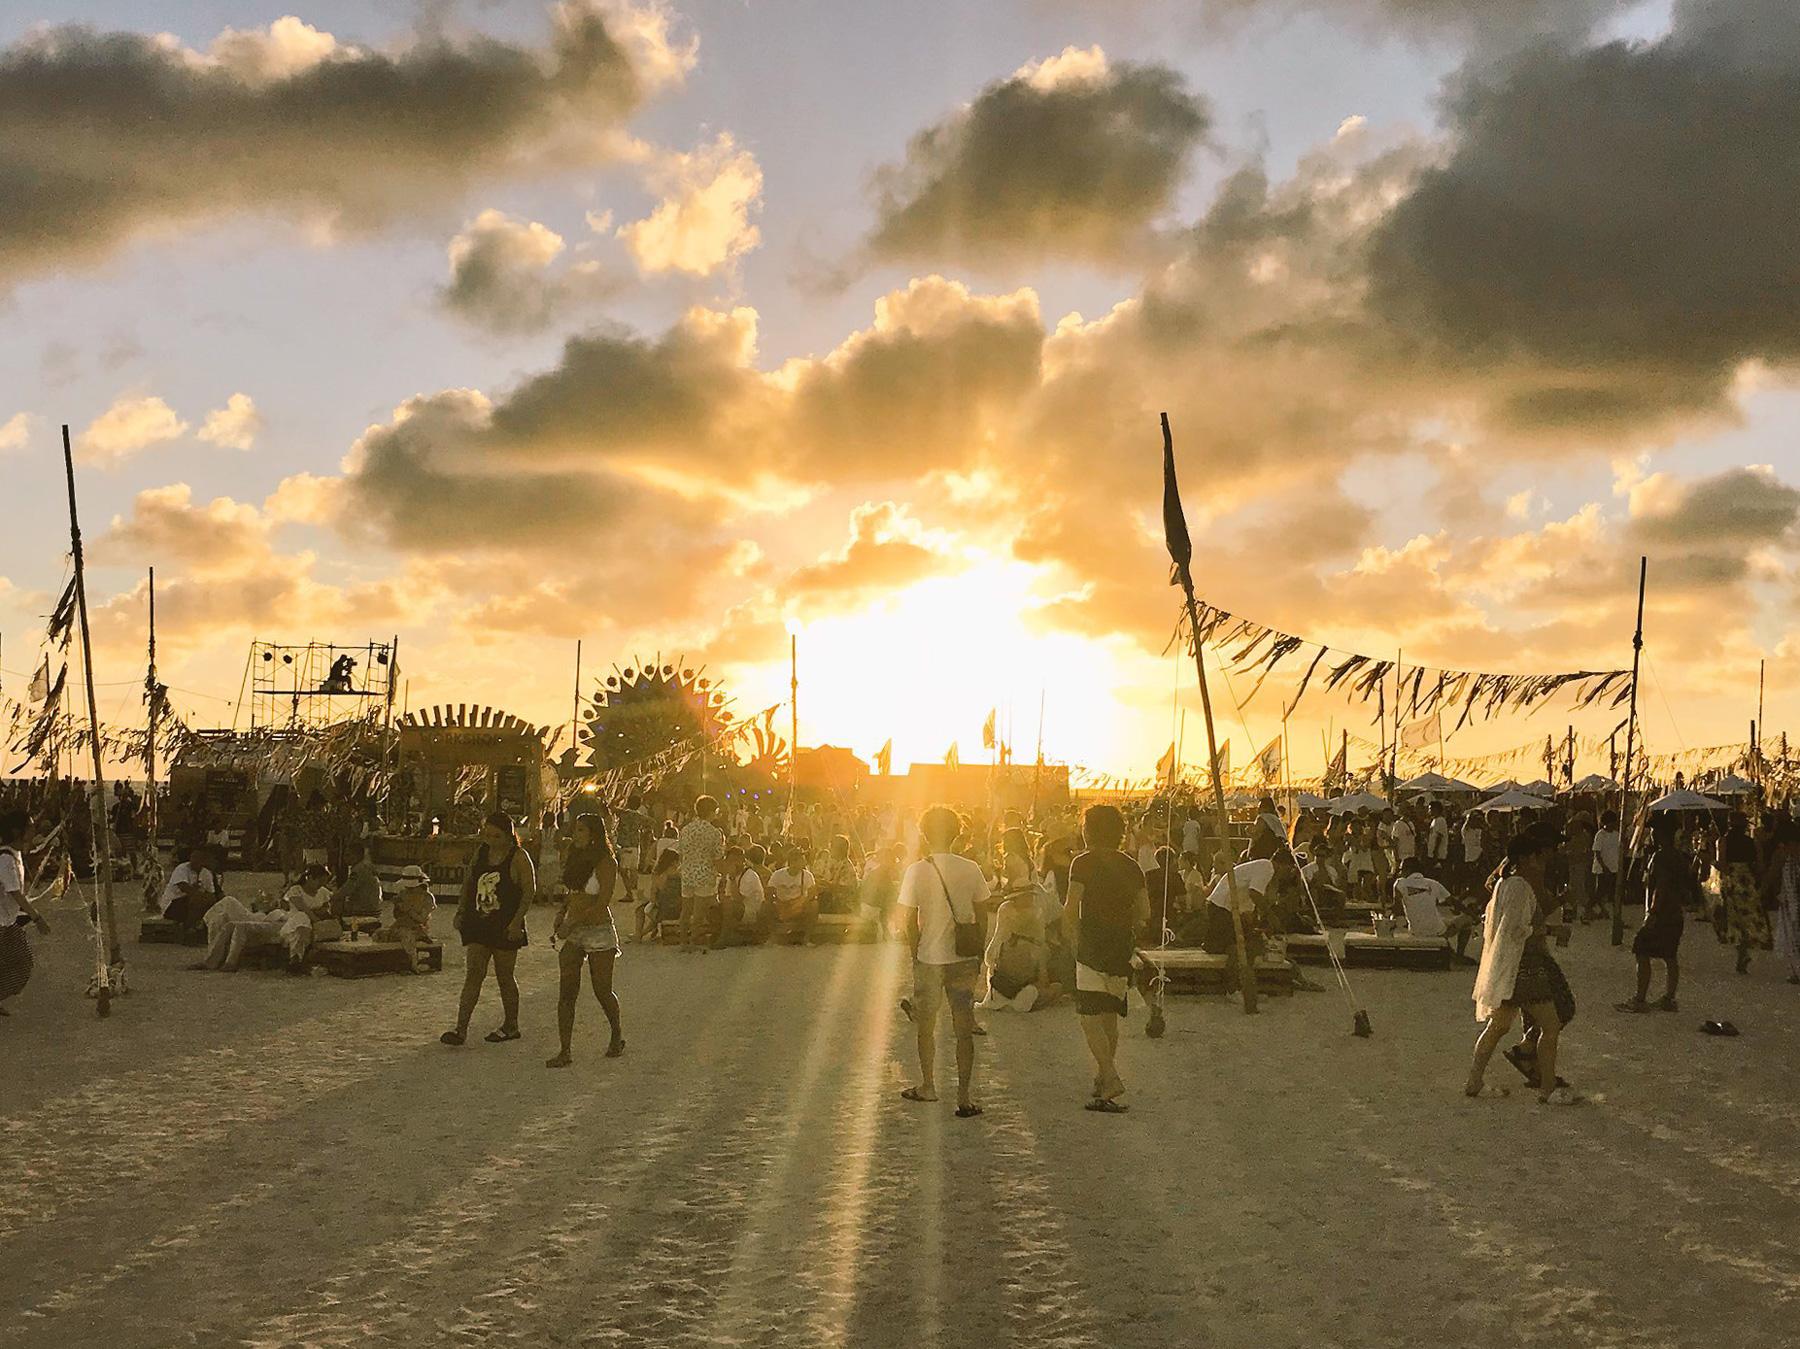 フェスは一つの世界をつくること   CORONA SUNSETS FESTIVAL #コロナフェス